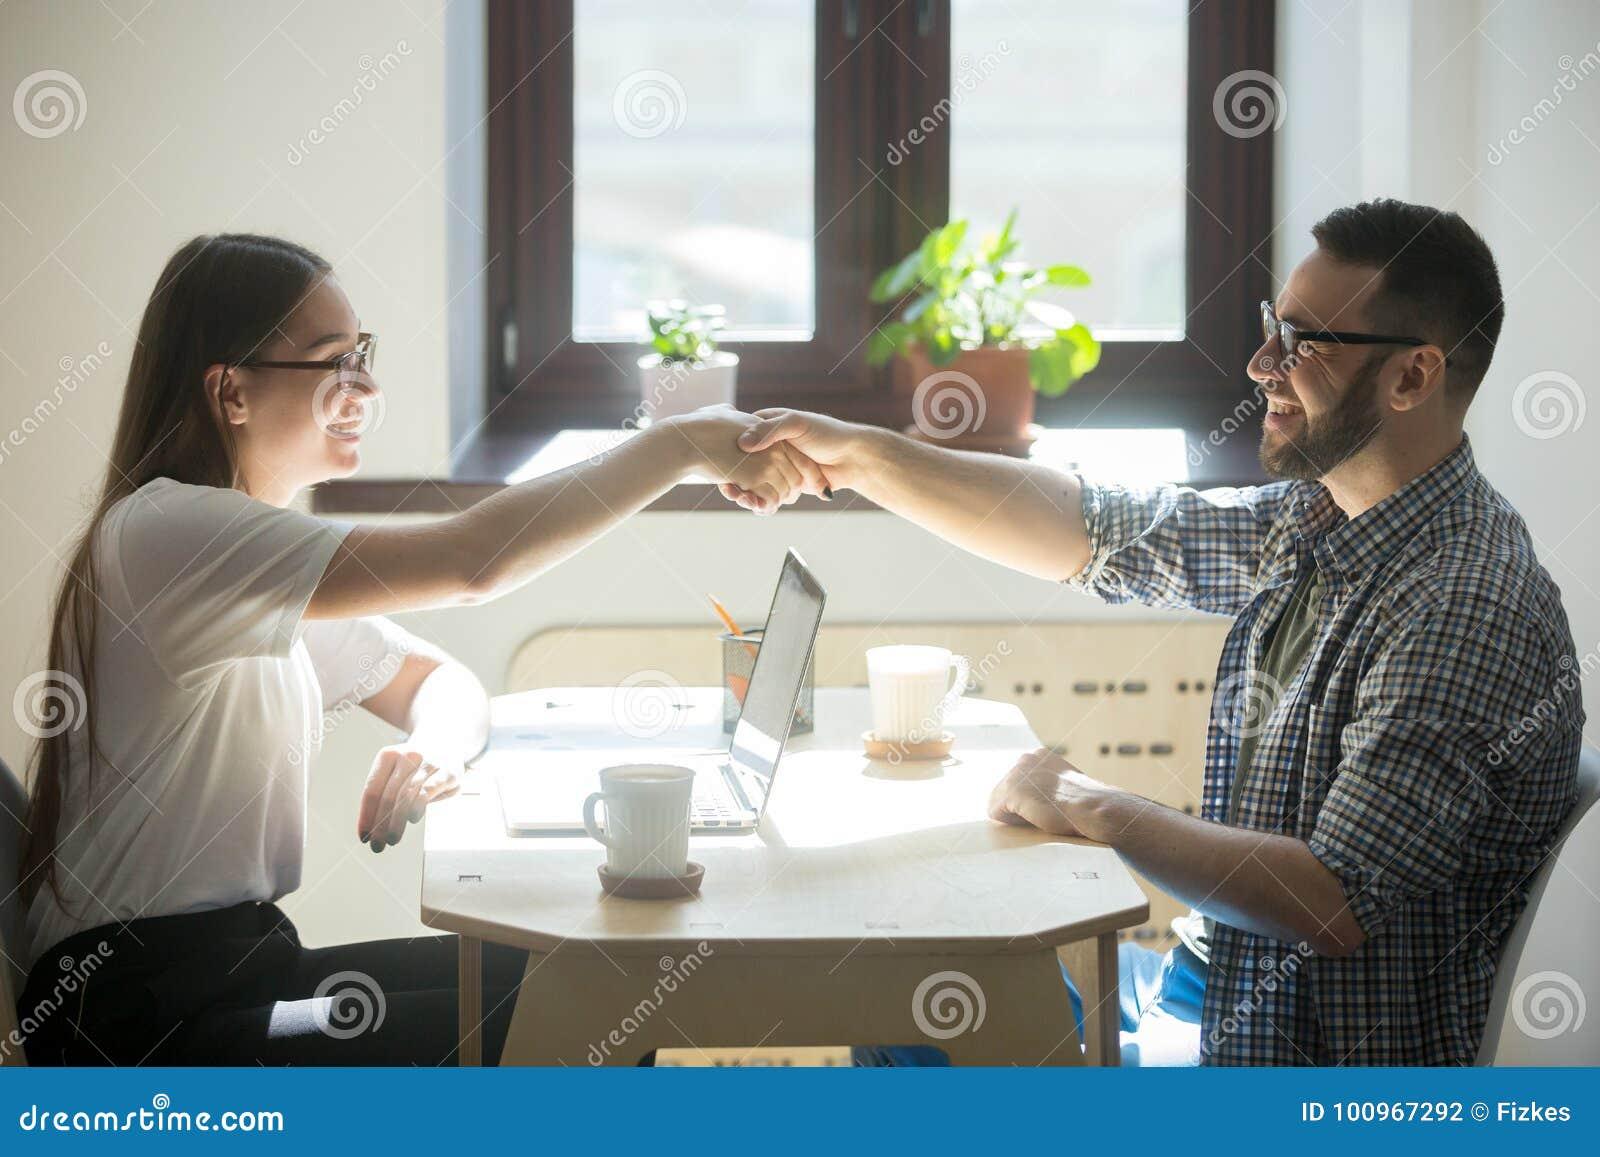 De mens ontmoet financiële adviseur voor het krijgen van een nieuwe huislening